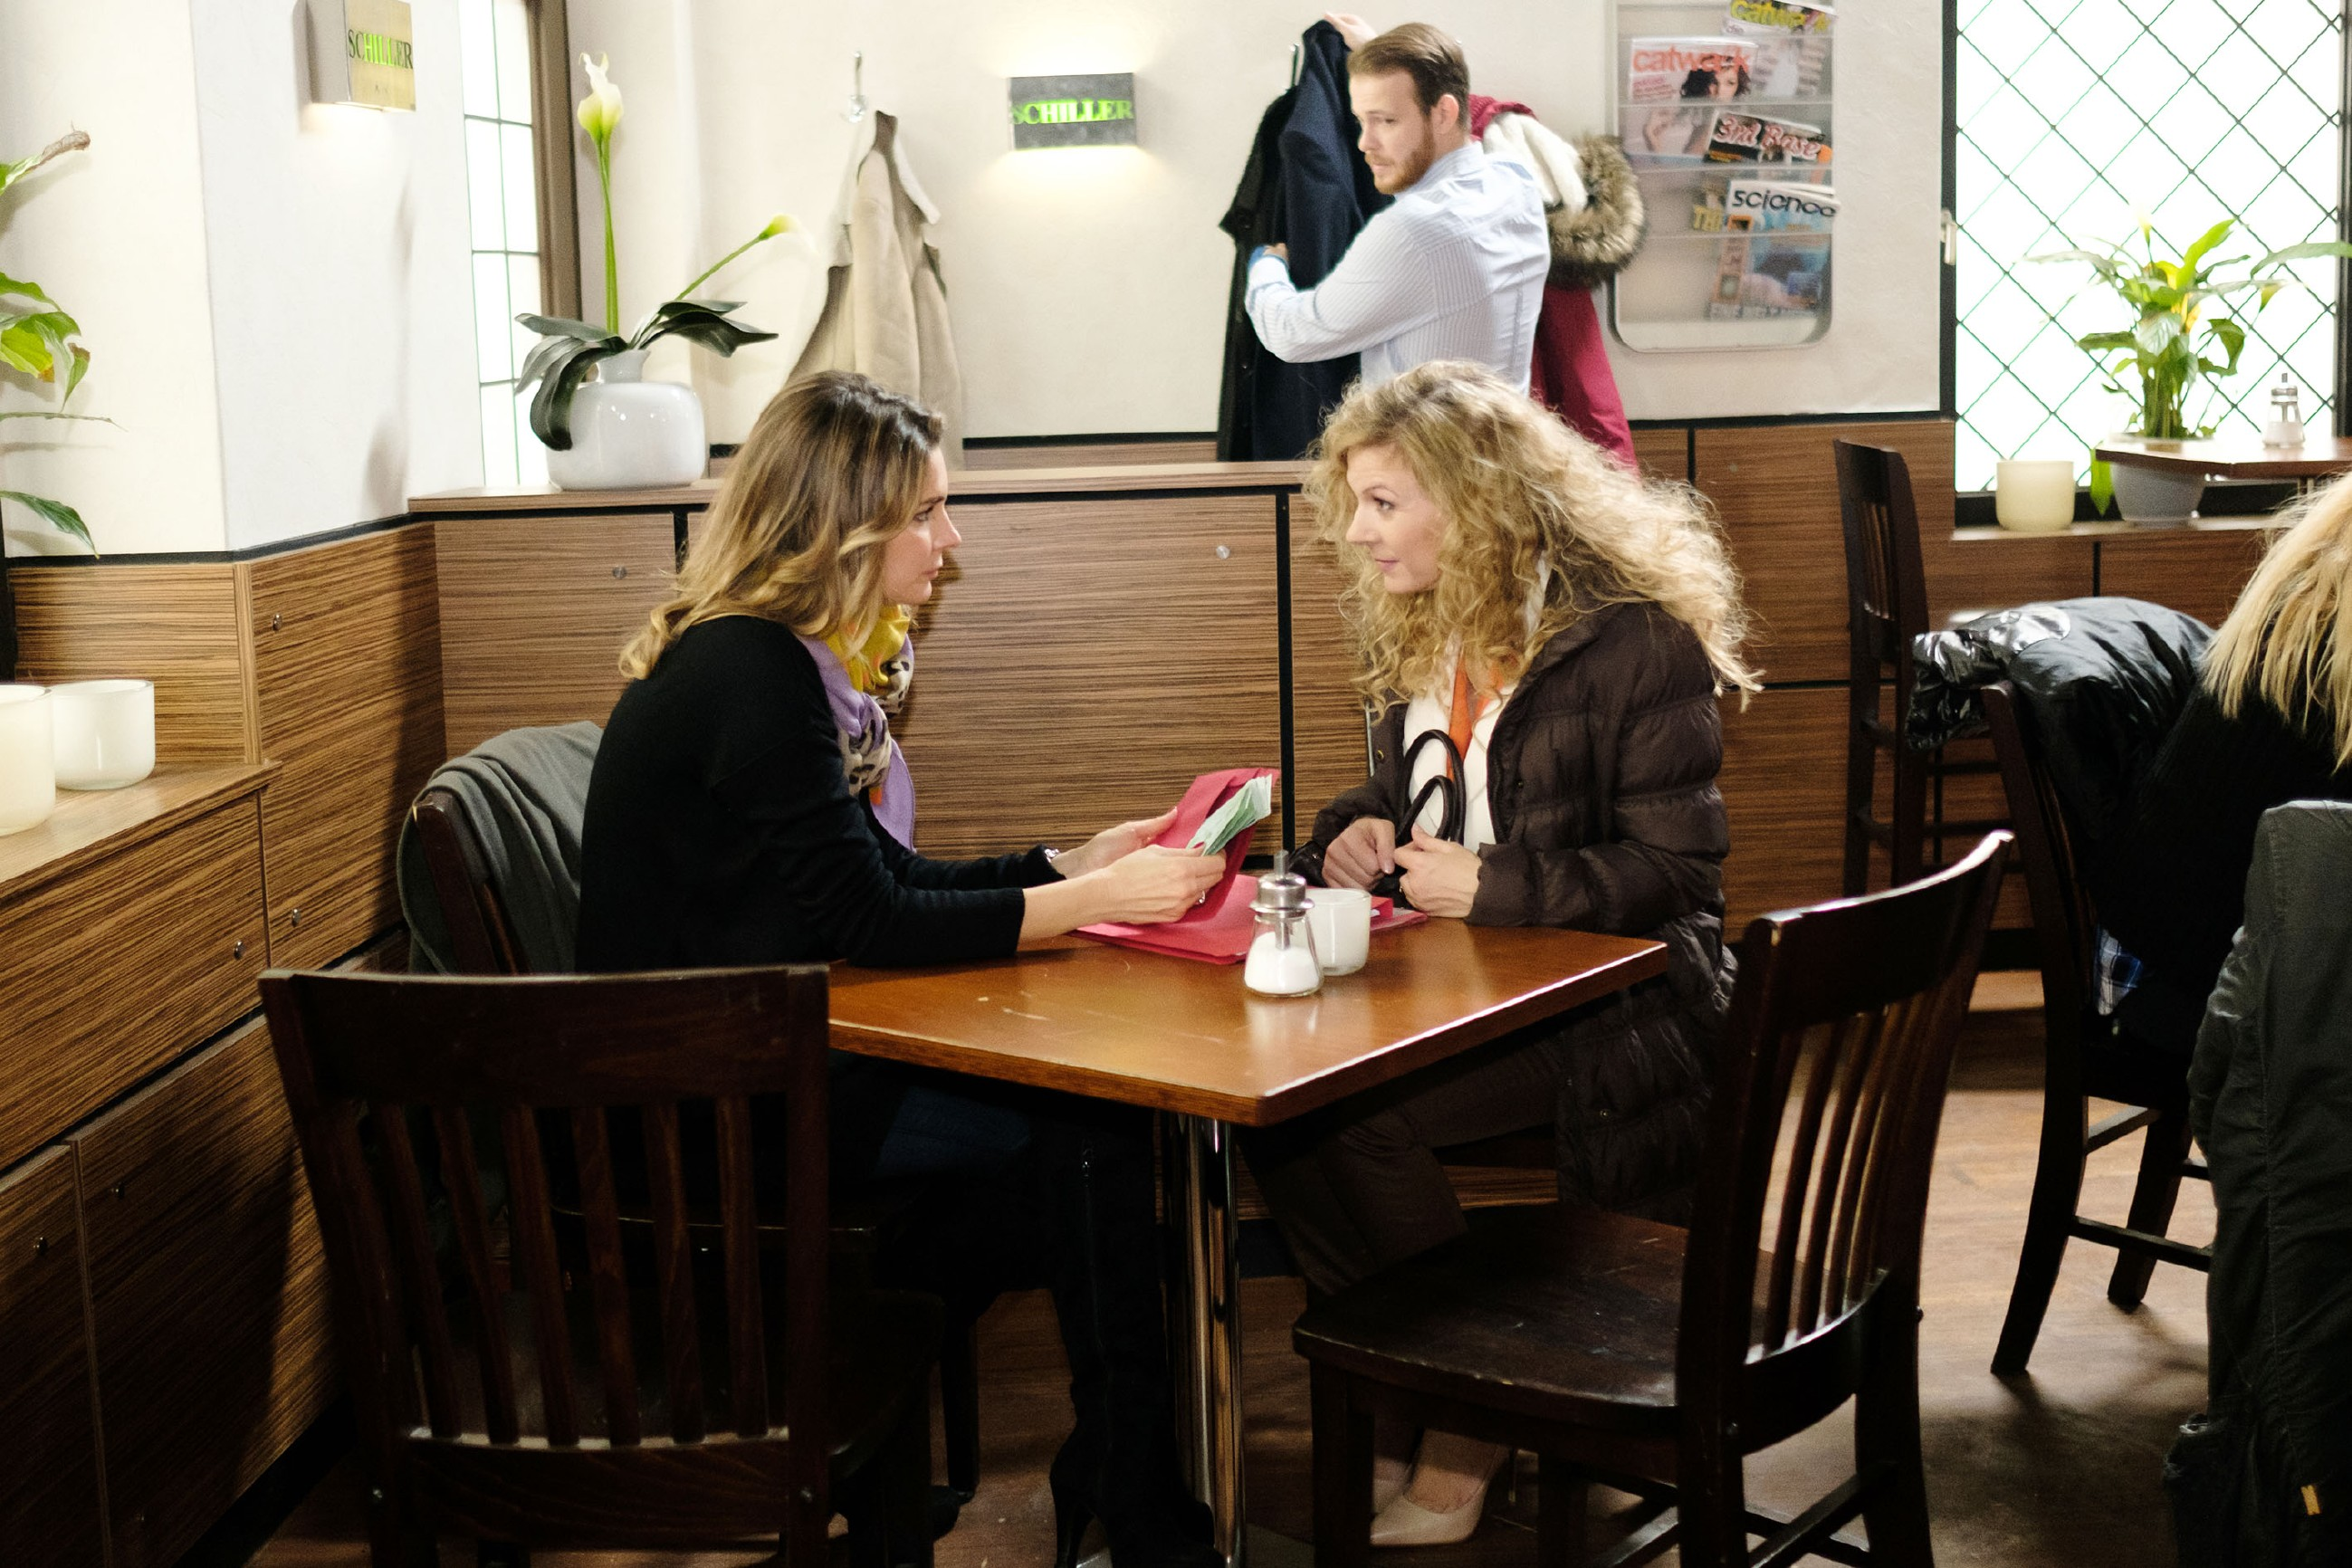 Eva (Claudelle Deckert, l.) trifft sich mit Silke Kurz (Silvia de Leonardis), die im Gegenzug für die gewünschten Informationen verlangt, dass Eva ihre Anzeige gegen Kurz zurückzieht. (Quelle: RTL / Stefan Behrens)